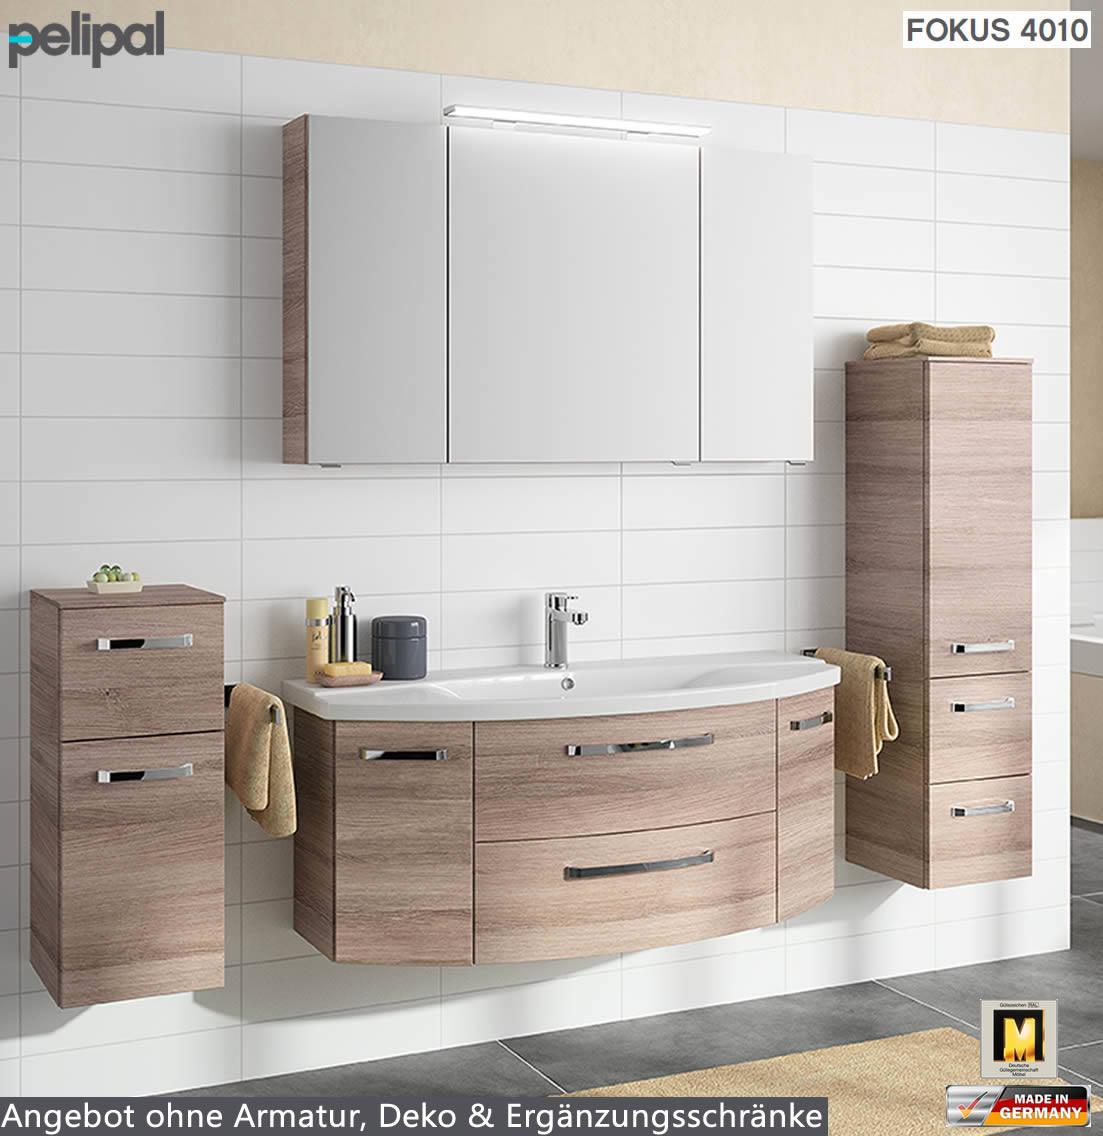 Badmöbel Pelipal  Pelipal Fokus 4010 Badmöbel Set 3tlg 120 cm mit Keramik